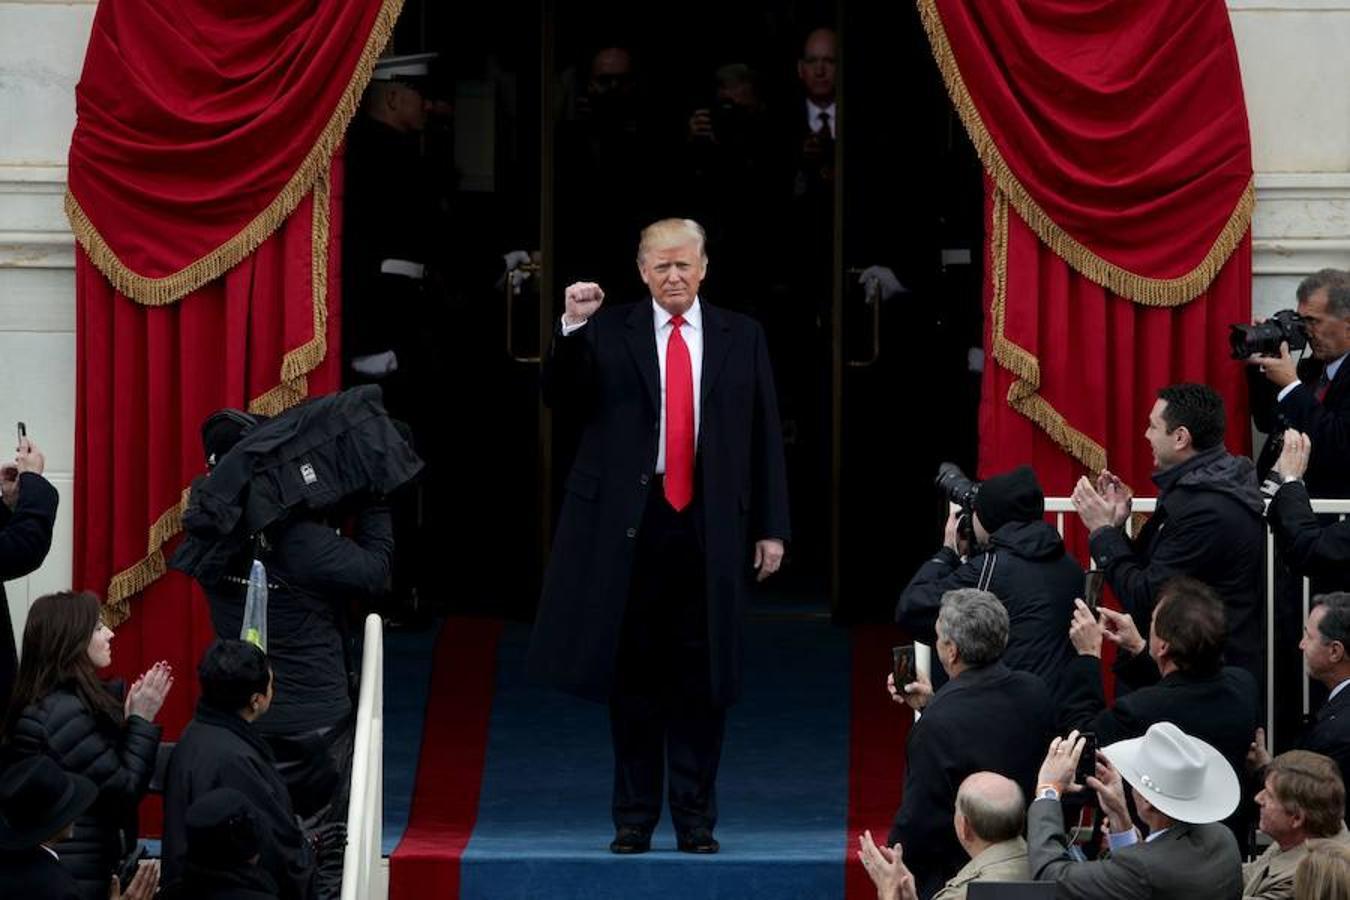 Trump levanta el puño al inicio de la ceremonia de investidura